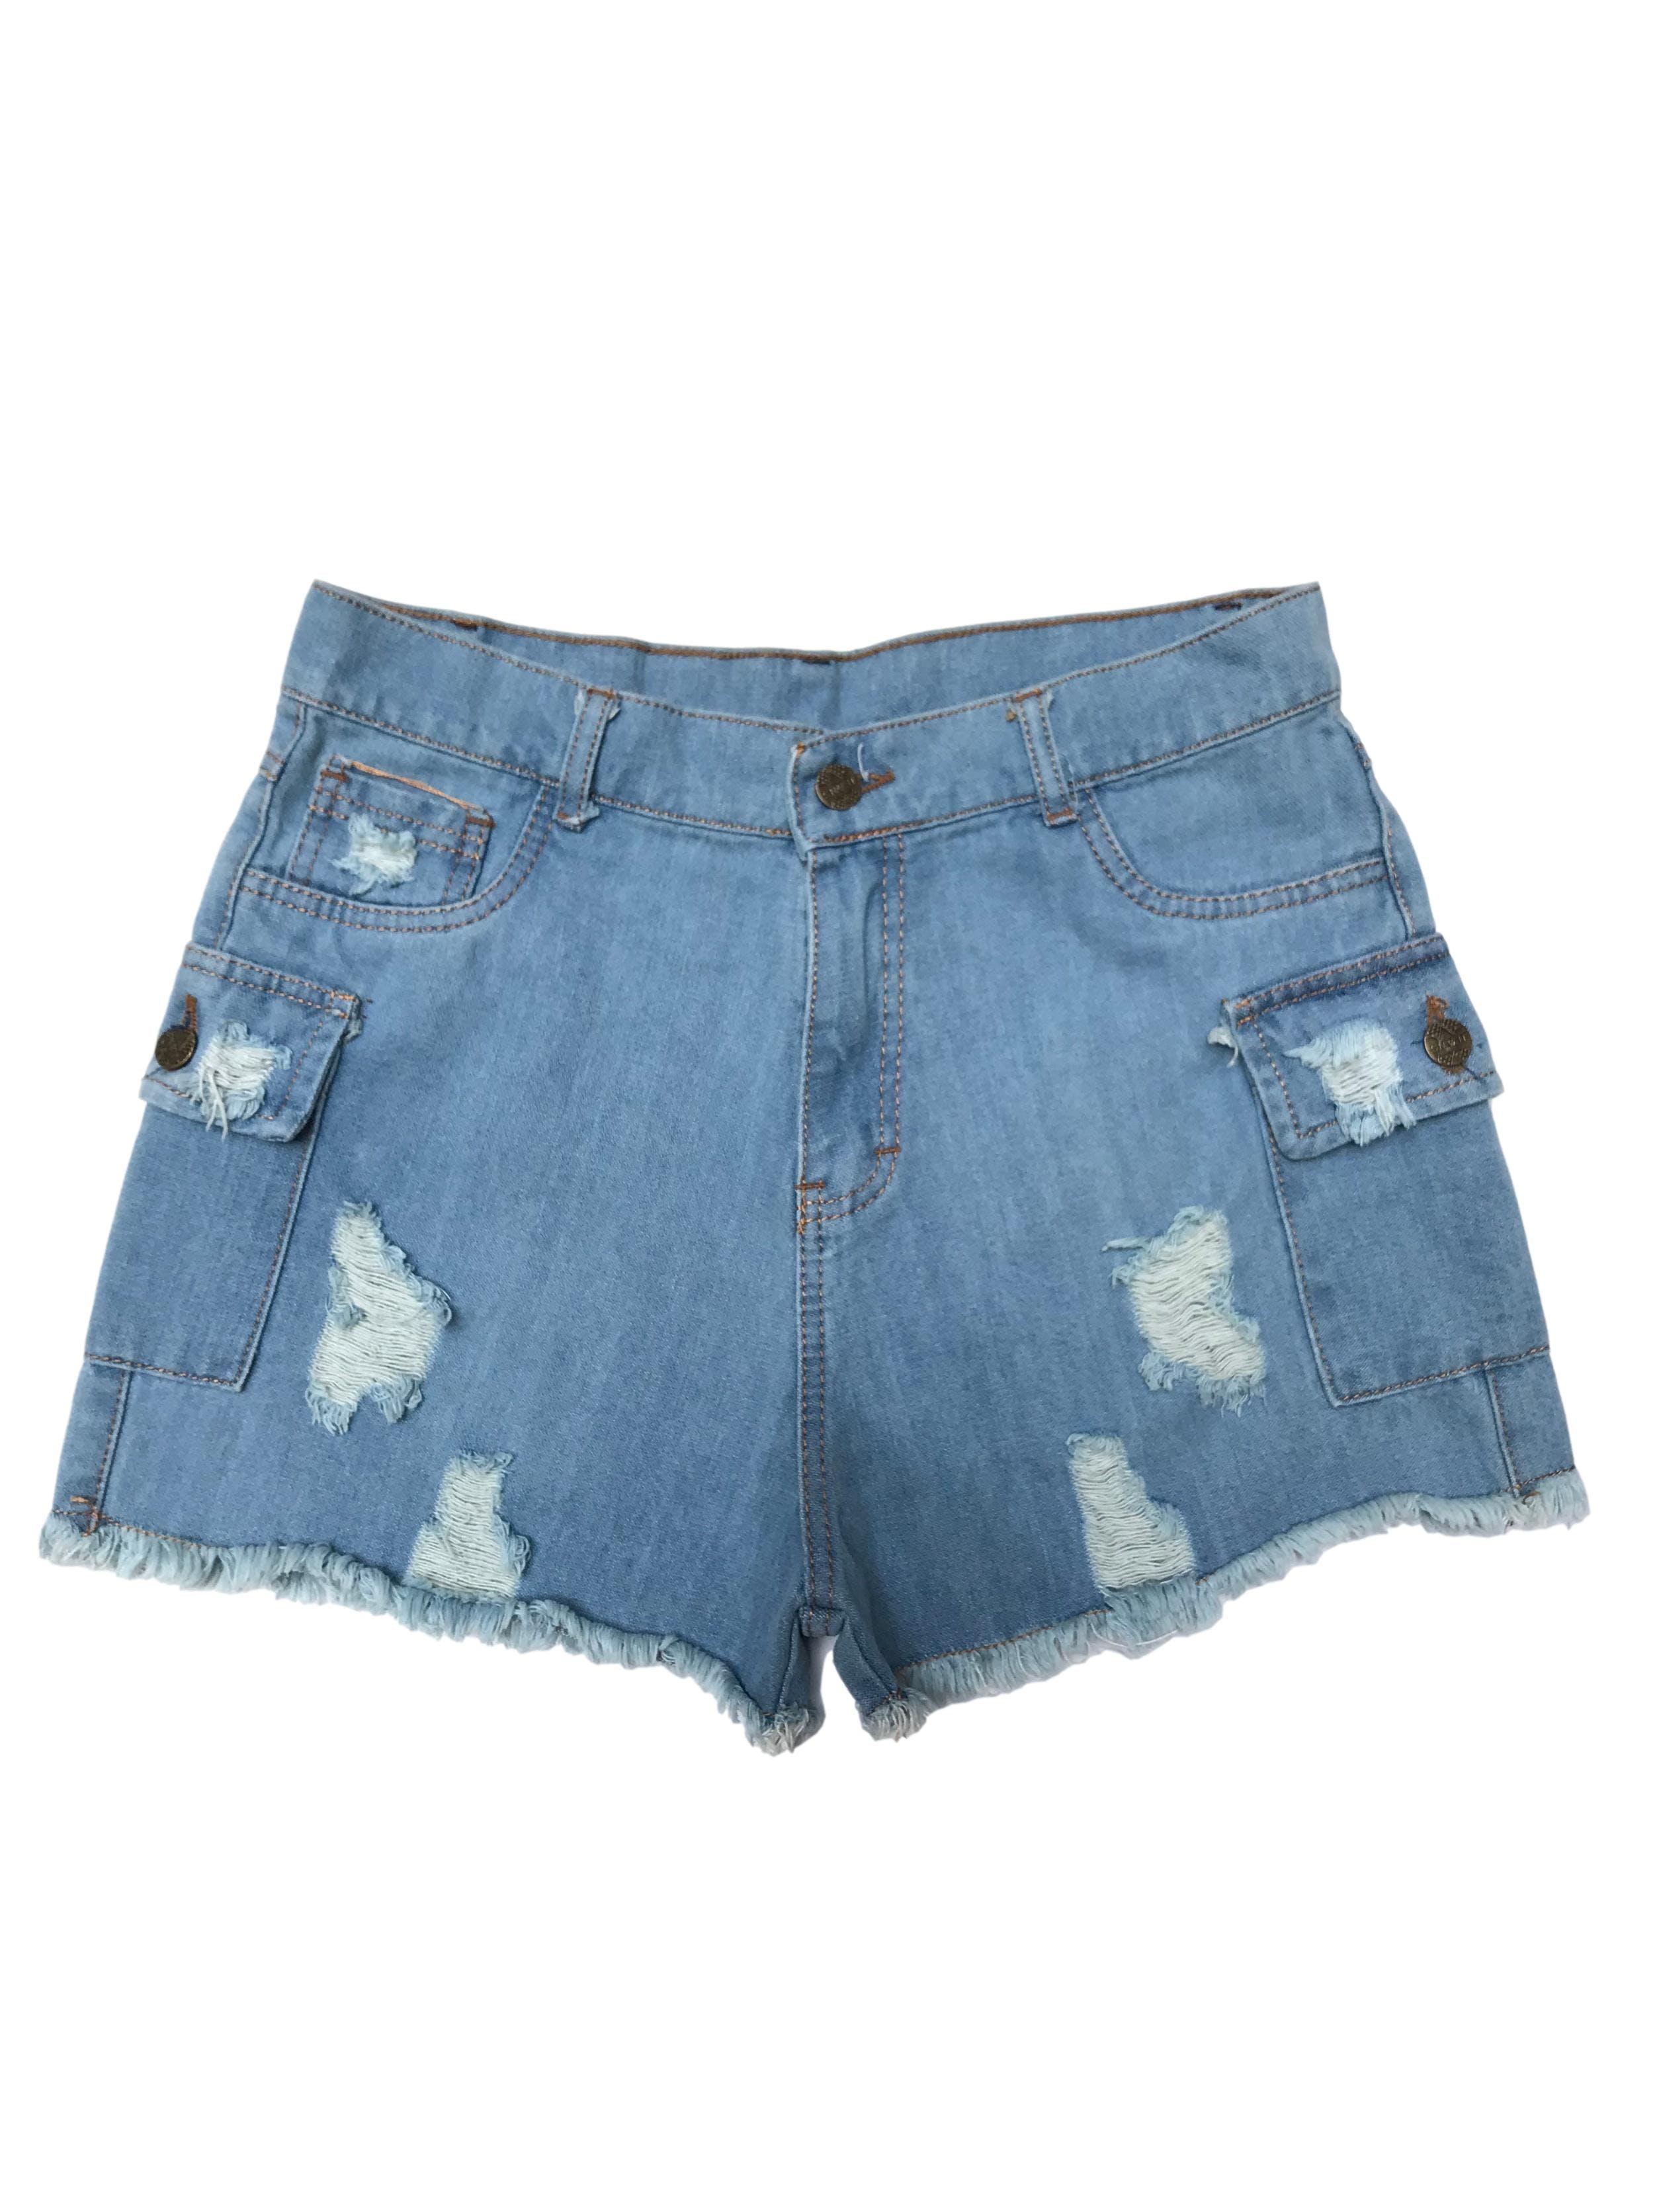 Short jean a la cintura con bolsillos cargo, rasgado y desflecados. Cintura 76cm. Nuevo